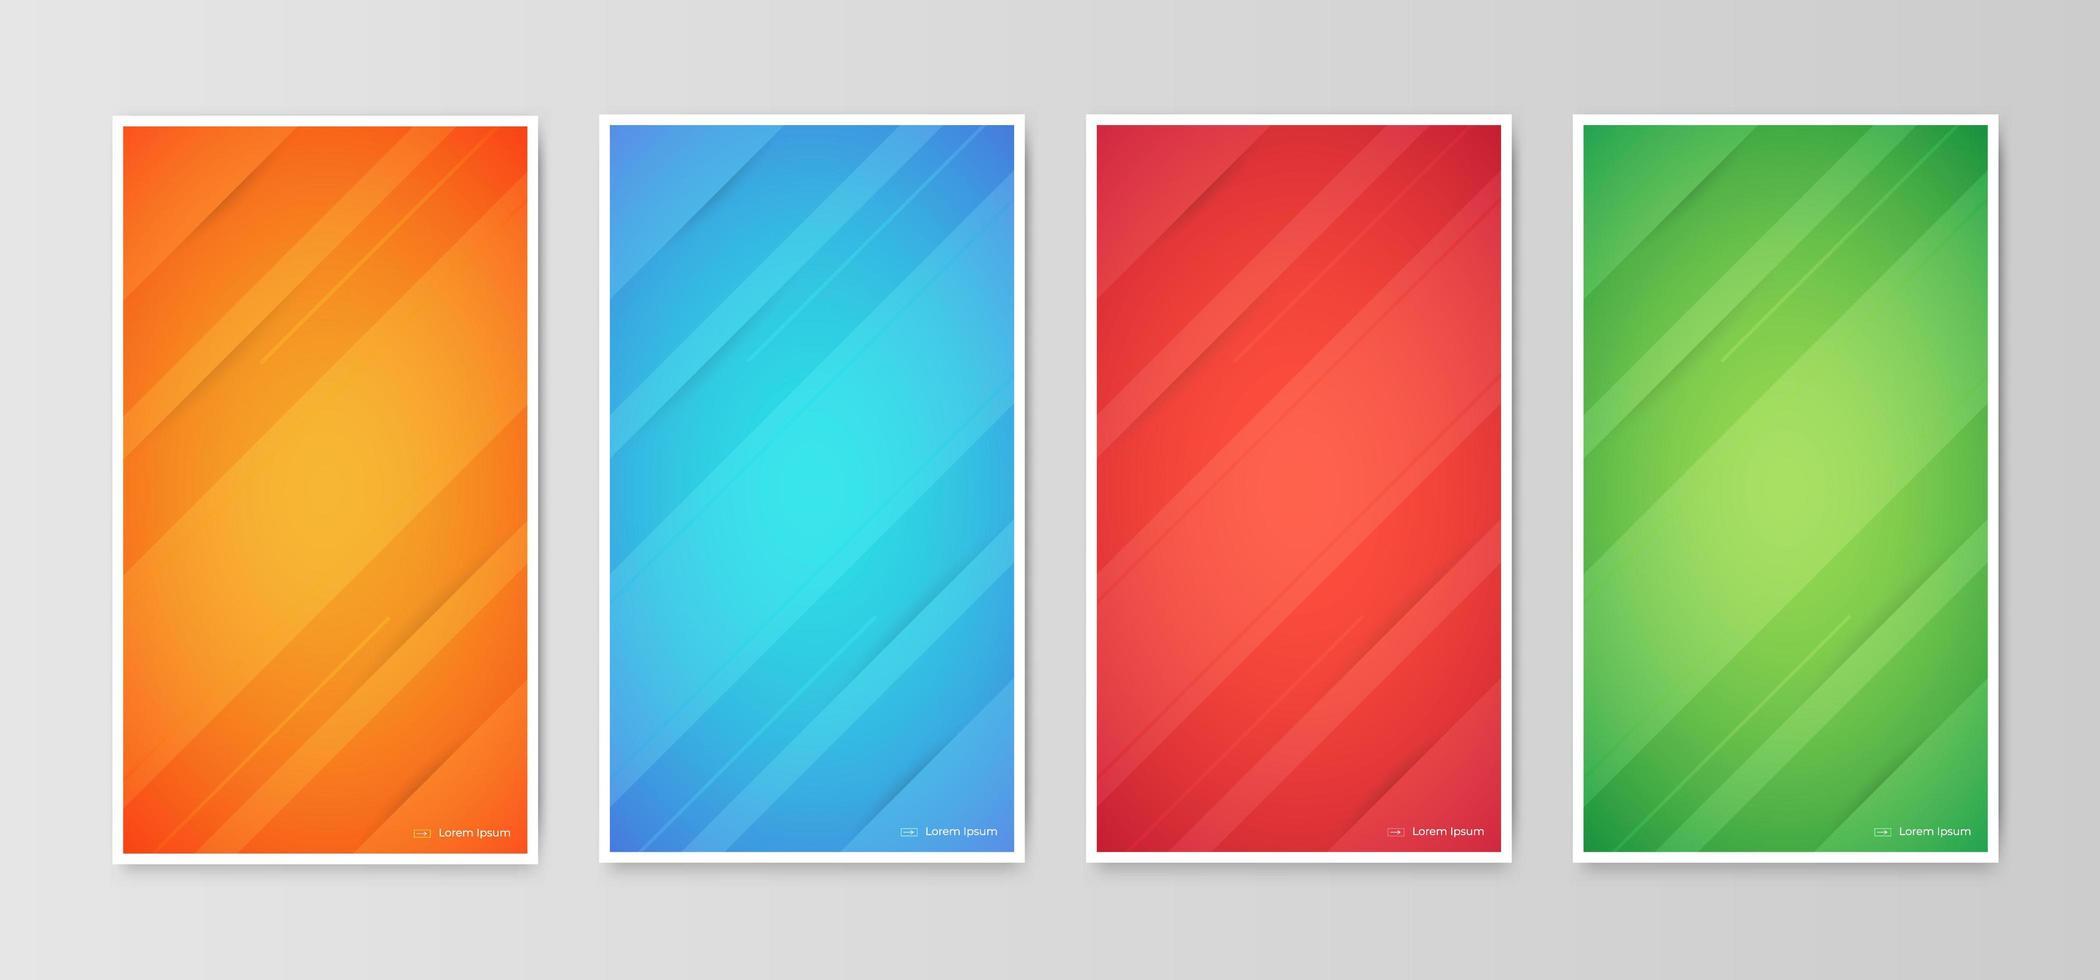 disegni geometrici astratti di copertura gradiente vettore